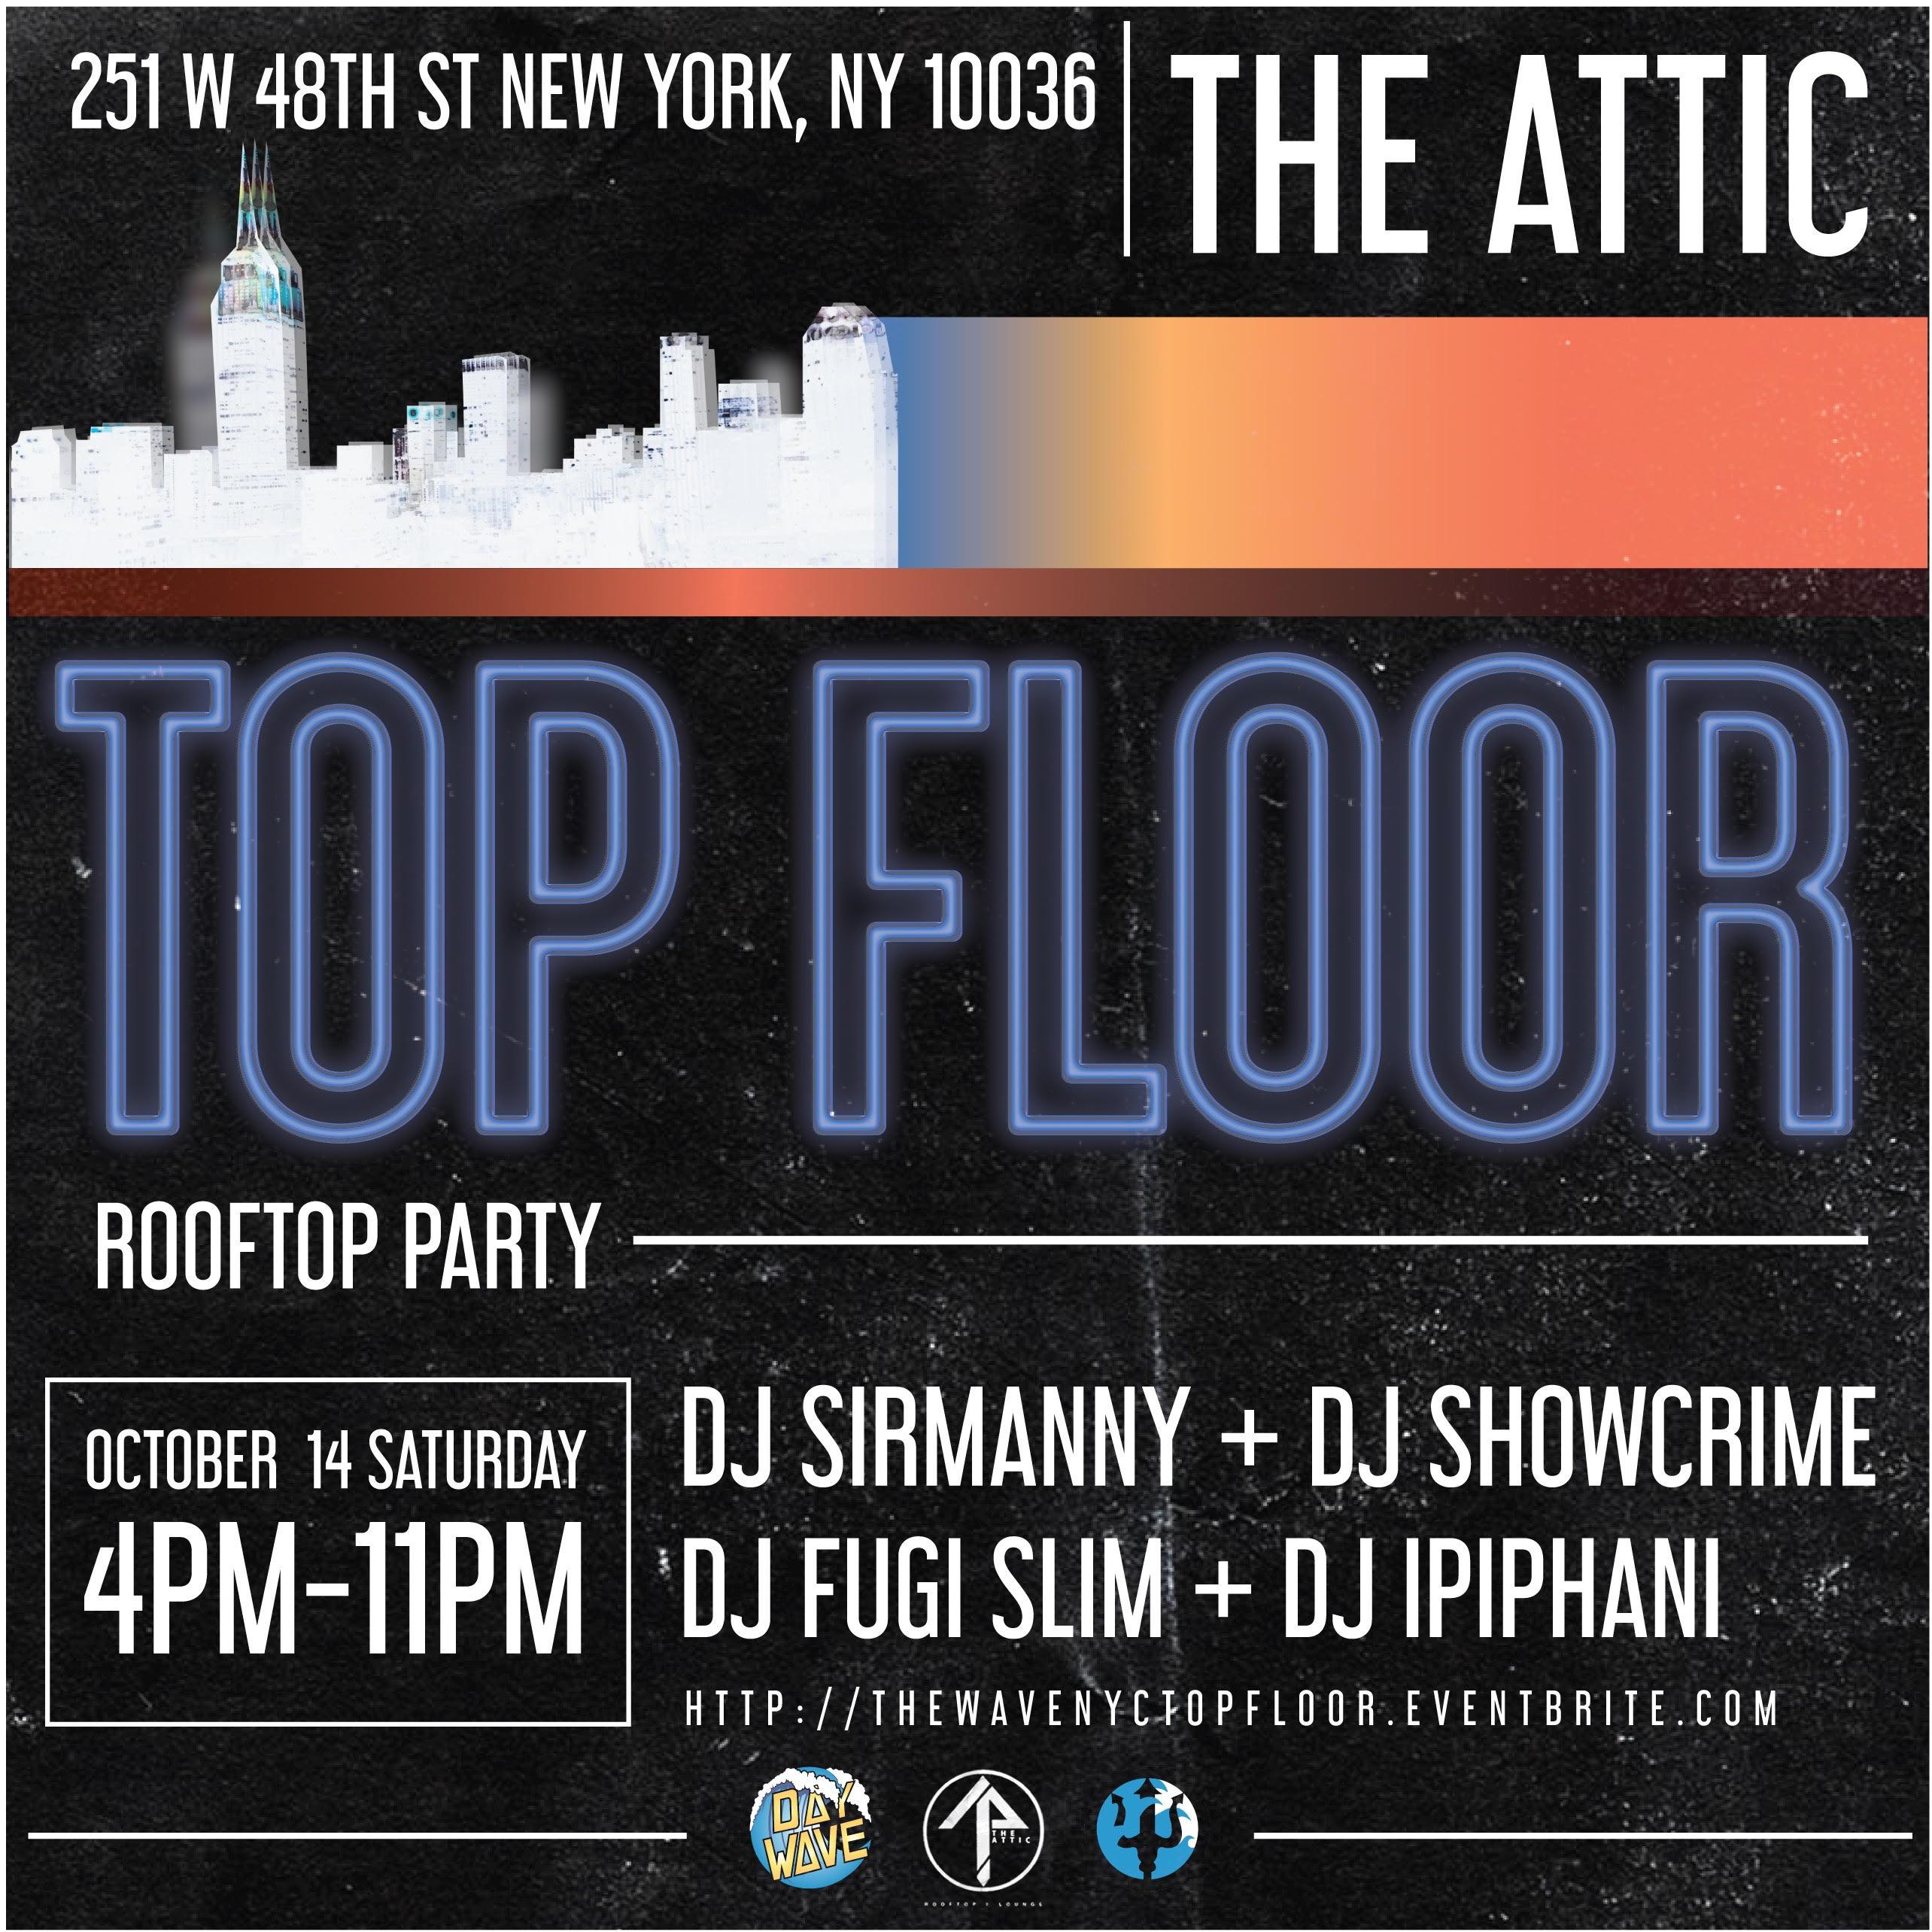 TOP FLOOR ROOFTOP PARTY